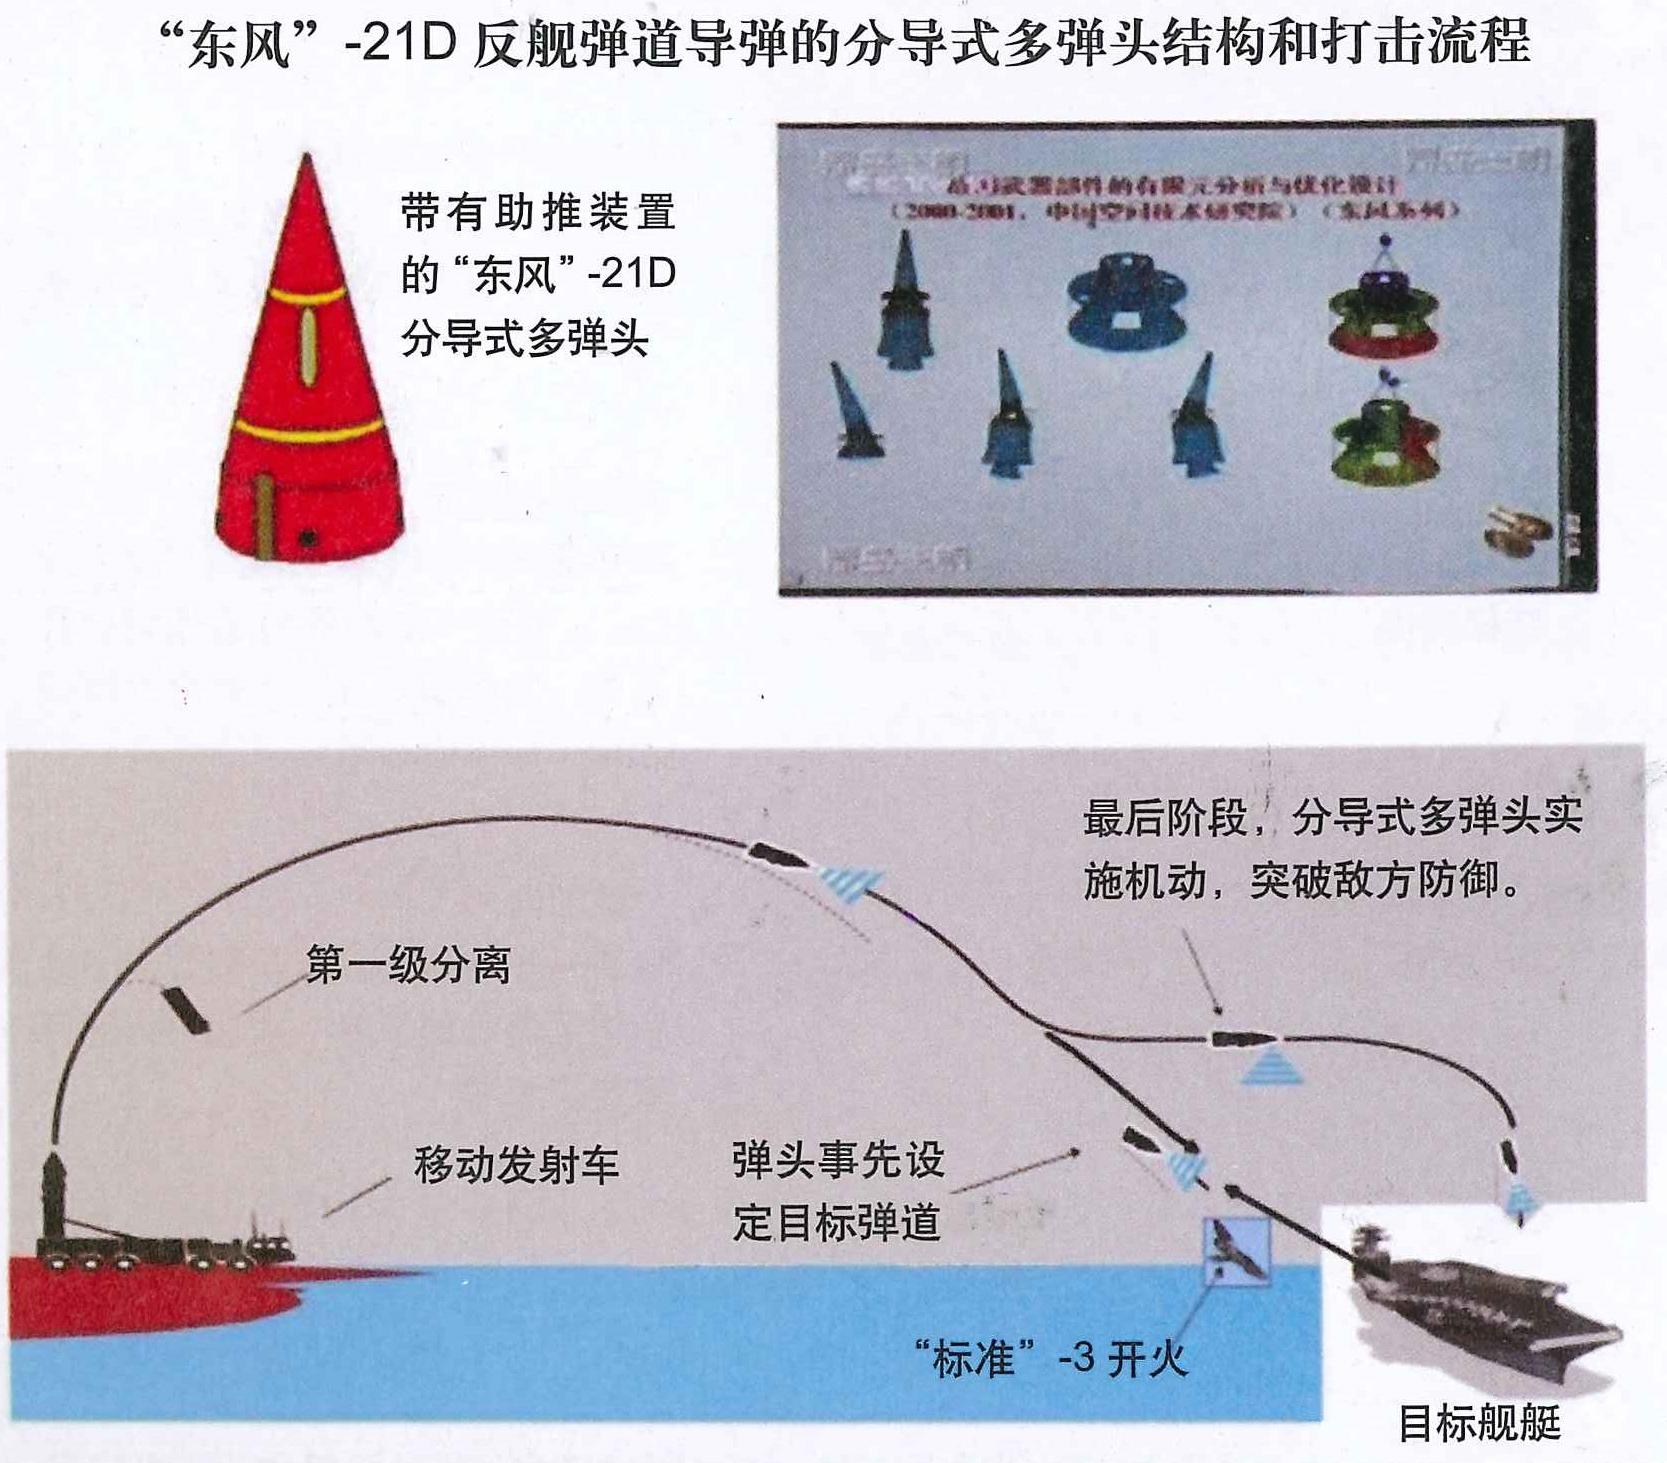 2015...ماذا حدث للبحرية الصينية؟ DF-21DInternet